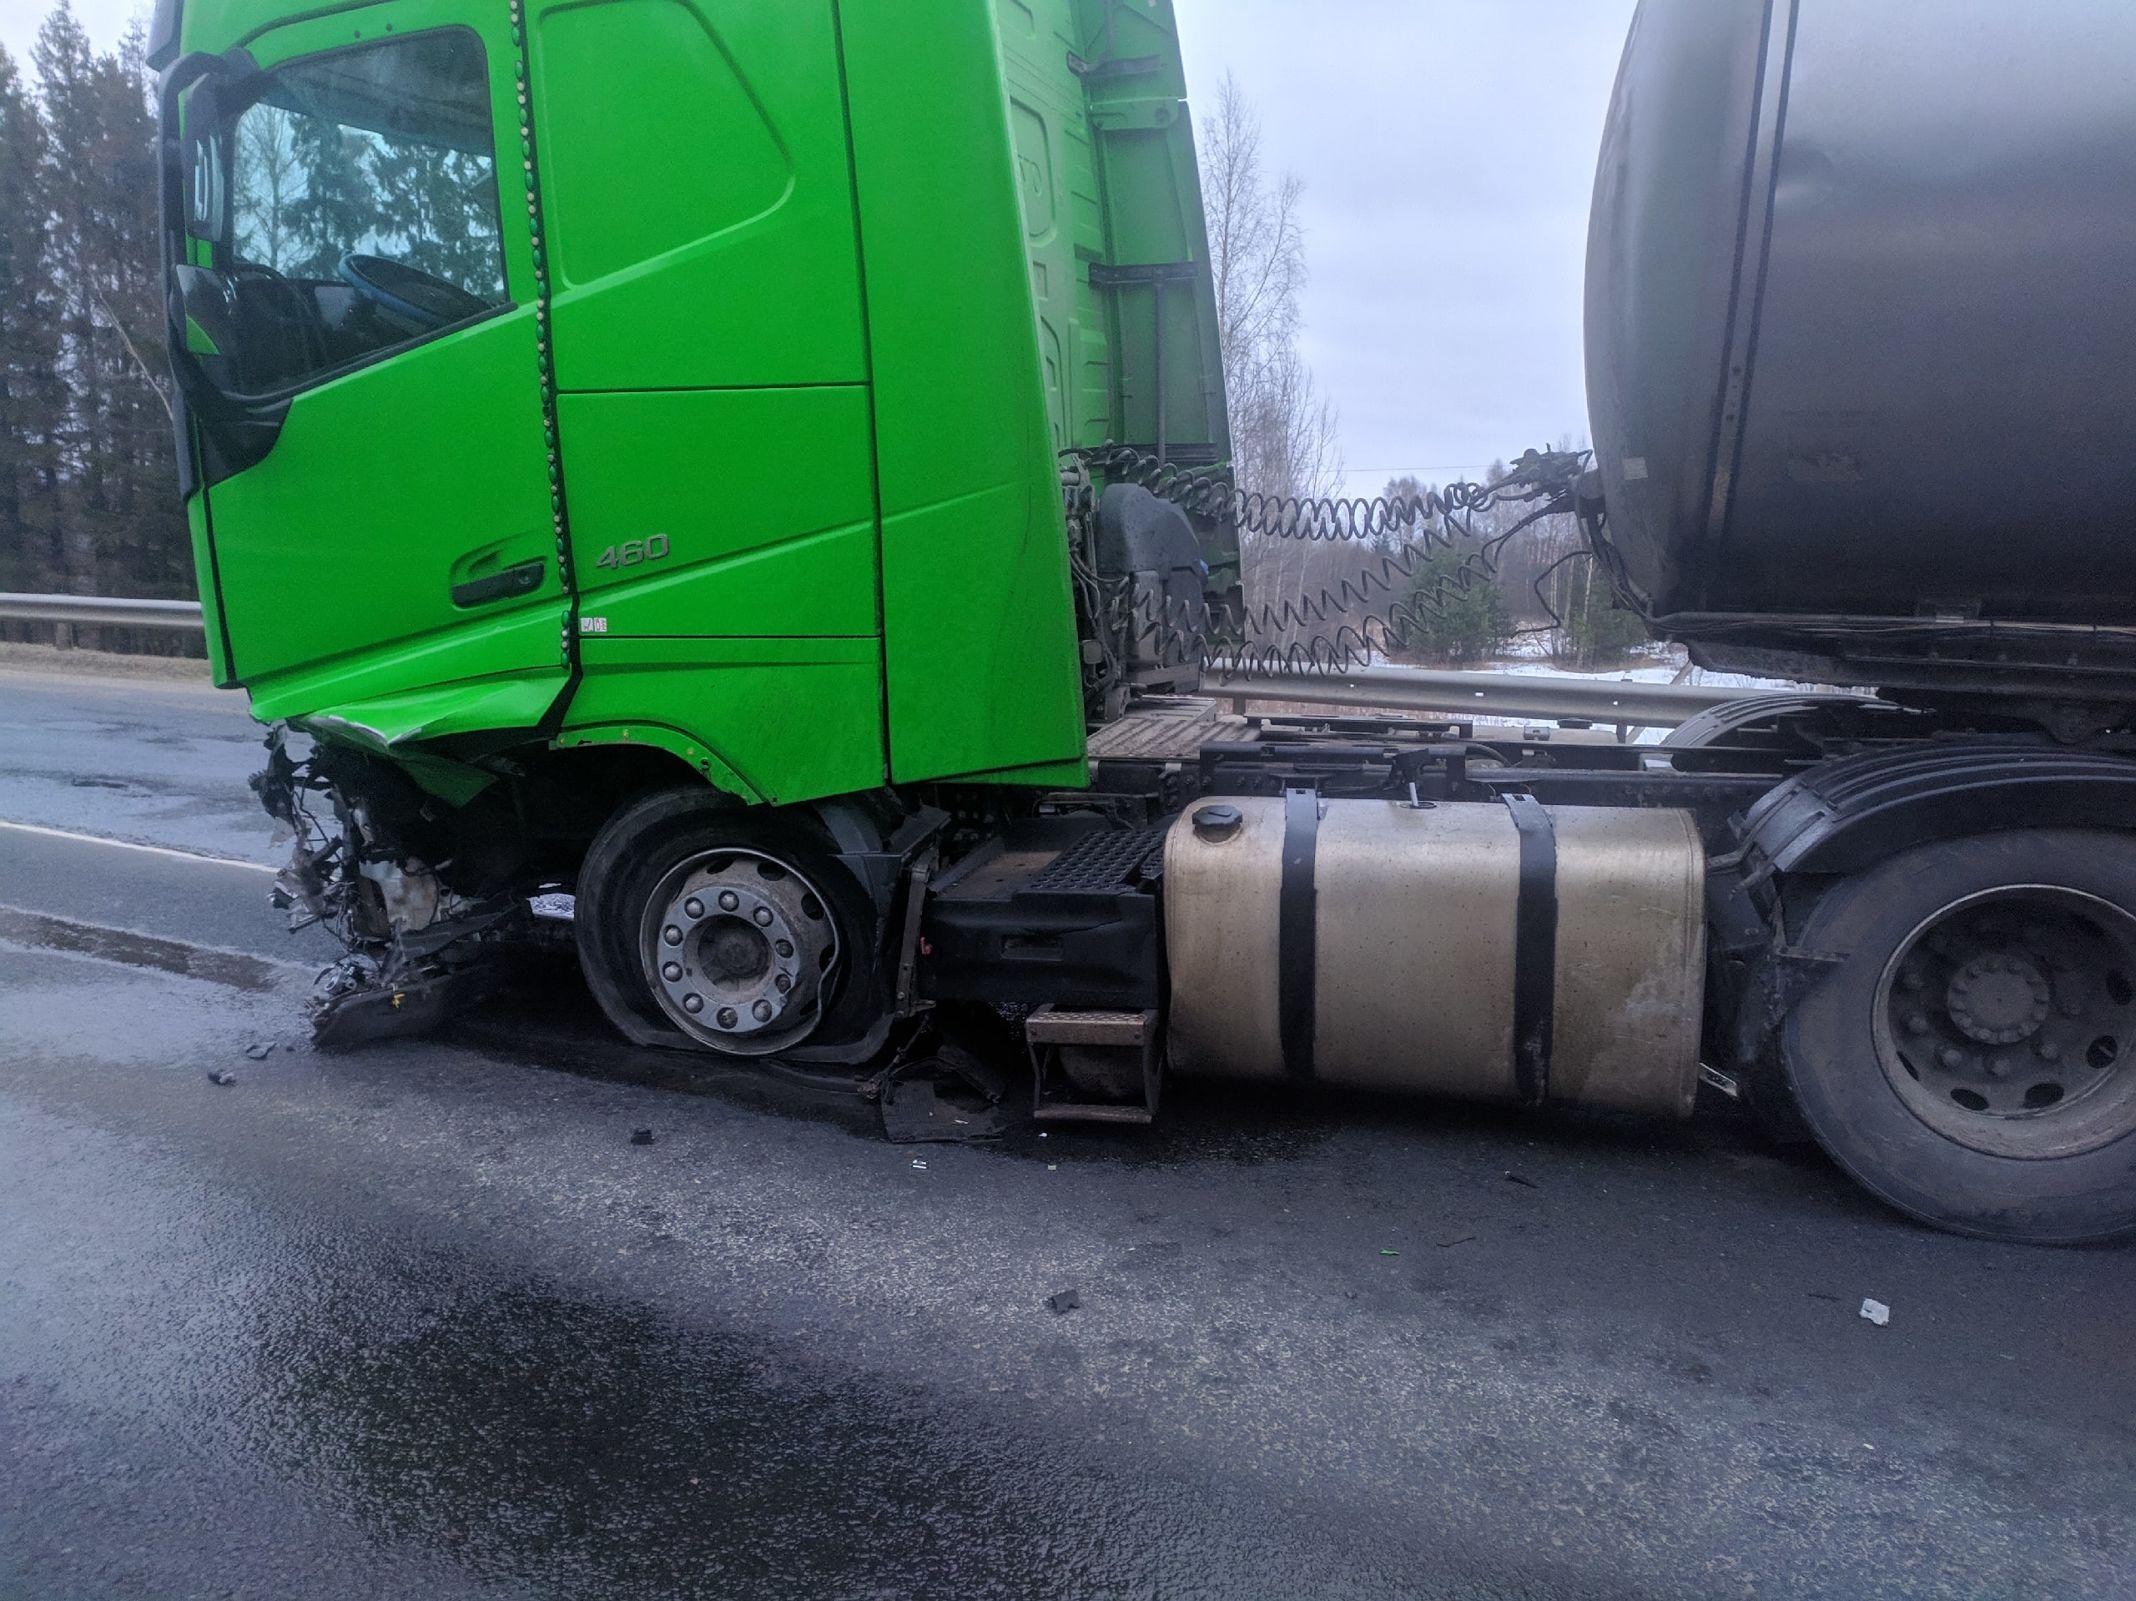 В Ярославской области водитель легкового автомобиля погиб при столкновении с грузовиком